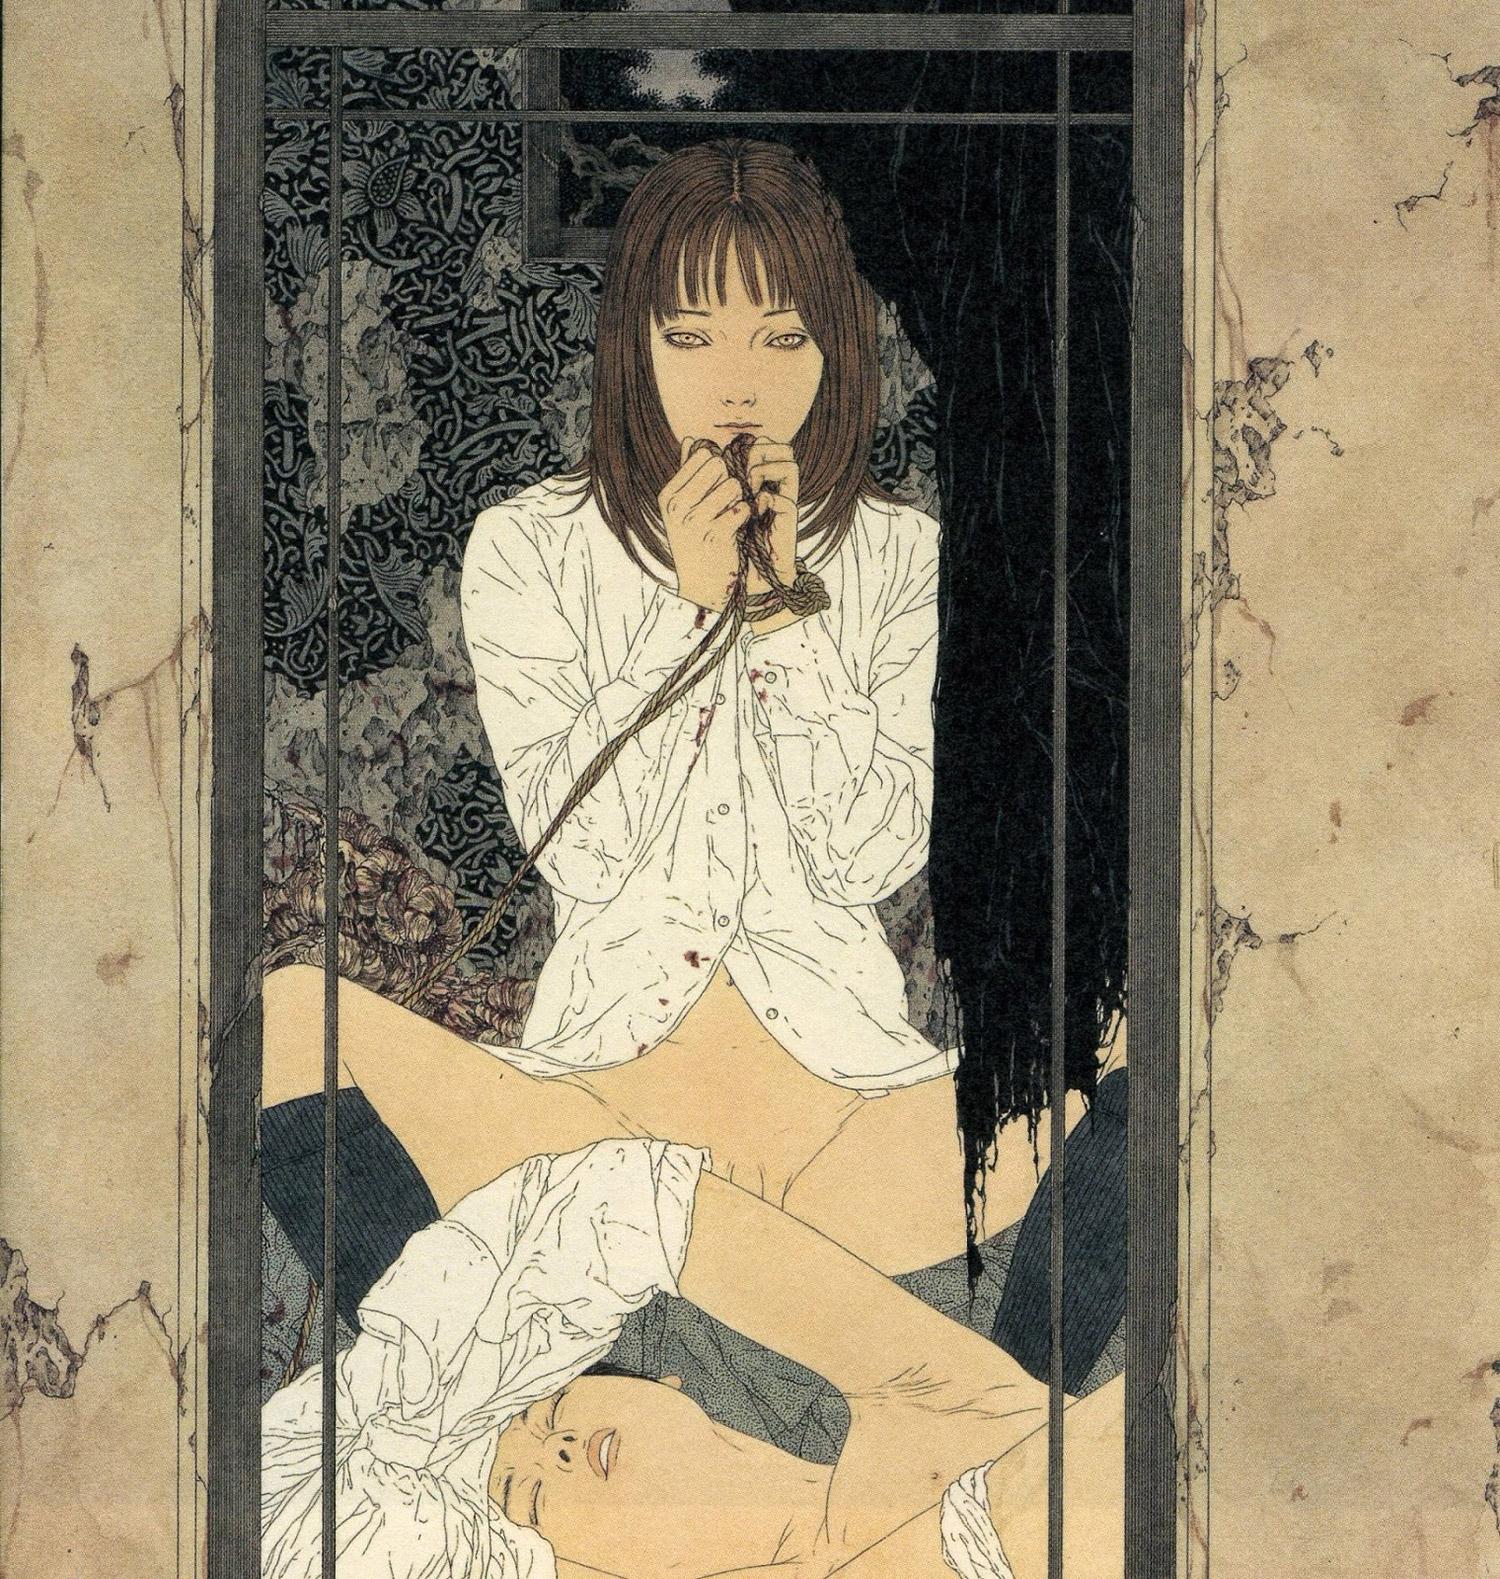 Takato Yamamoto - woman holding ropes